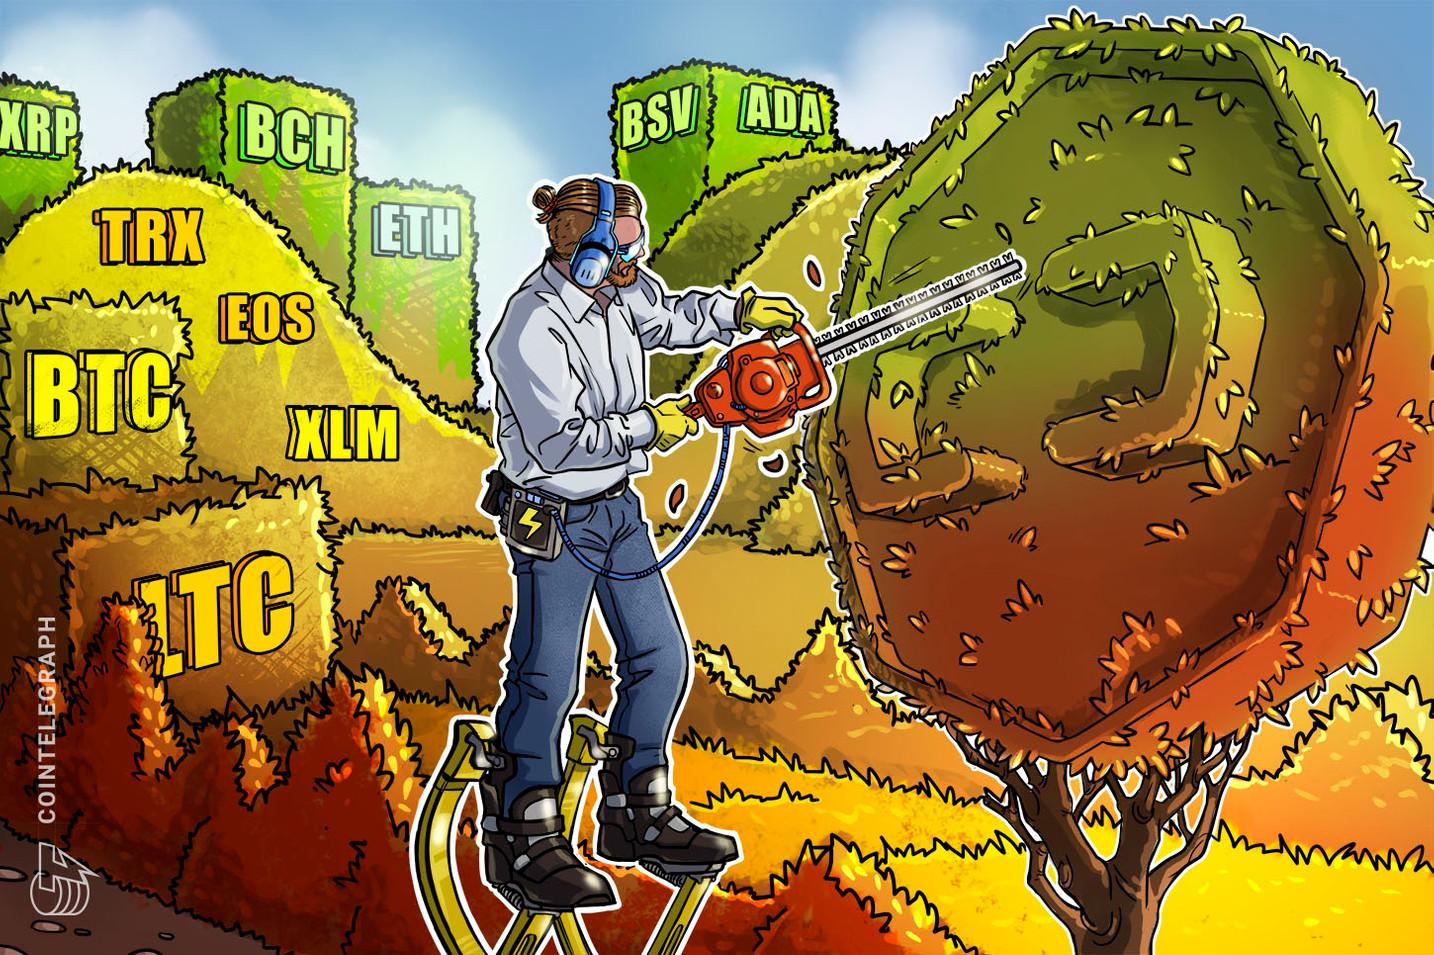 Kursanalyse, 17. Dezember: Bitcoin, Ripple, Ethereum, Stellar, EOS, Litecoin, Bitcoin Cash, Bitcoin SV, TRON, Cardano